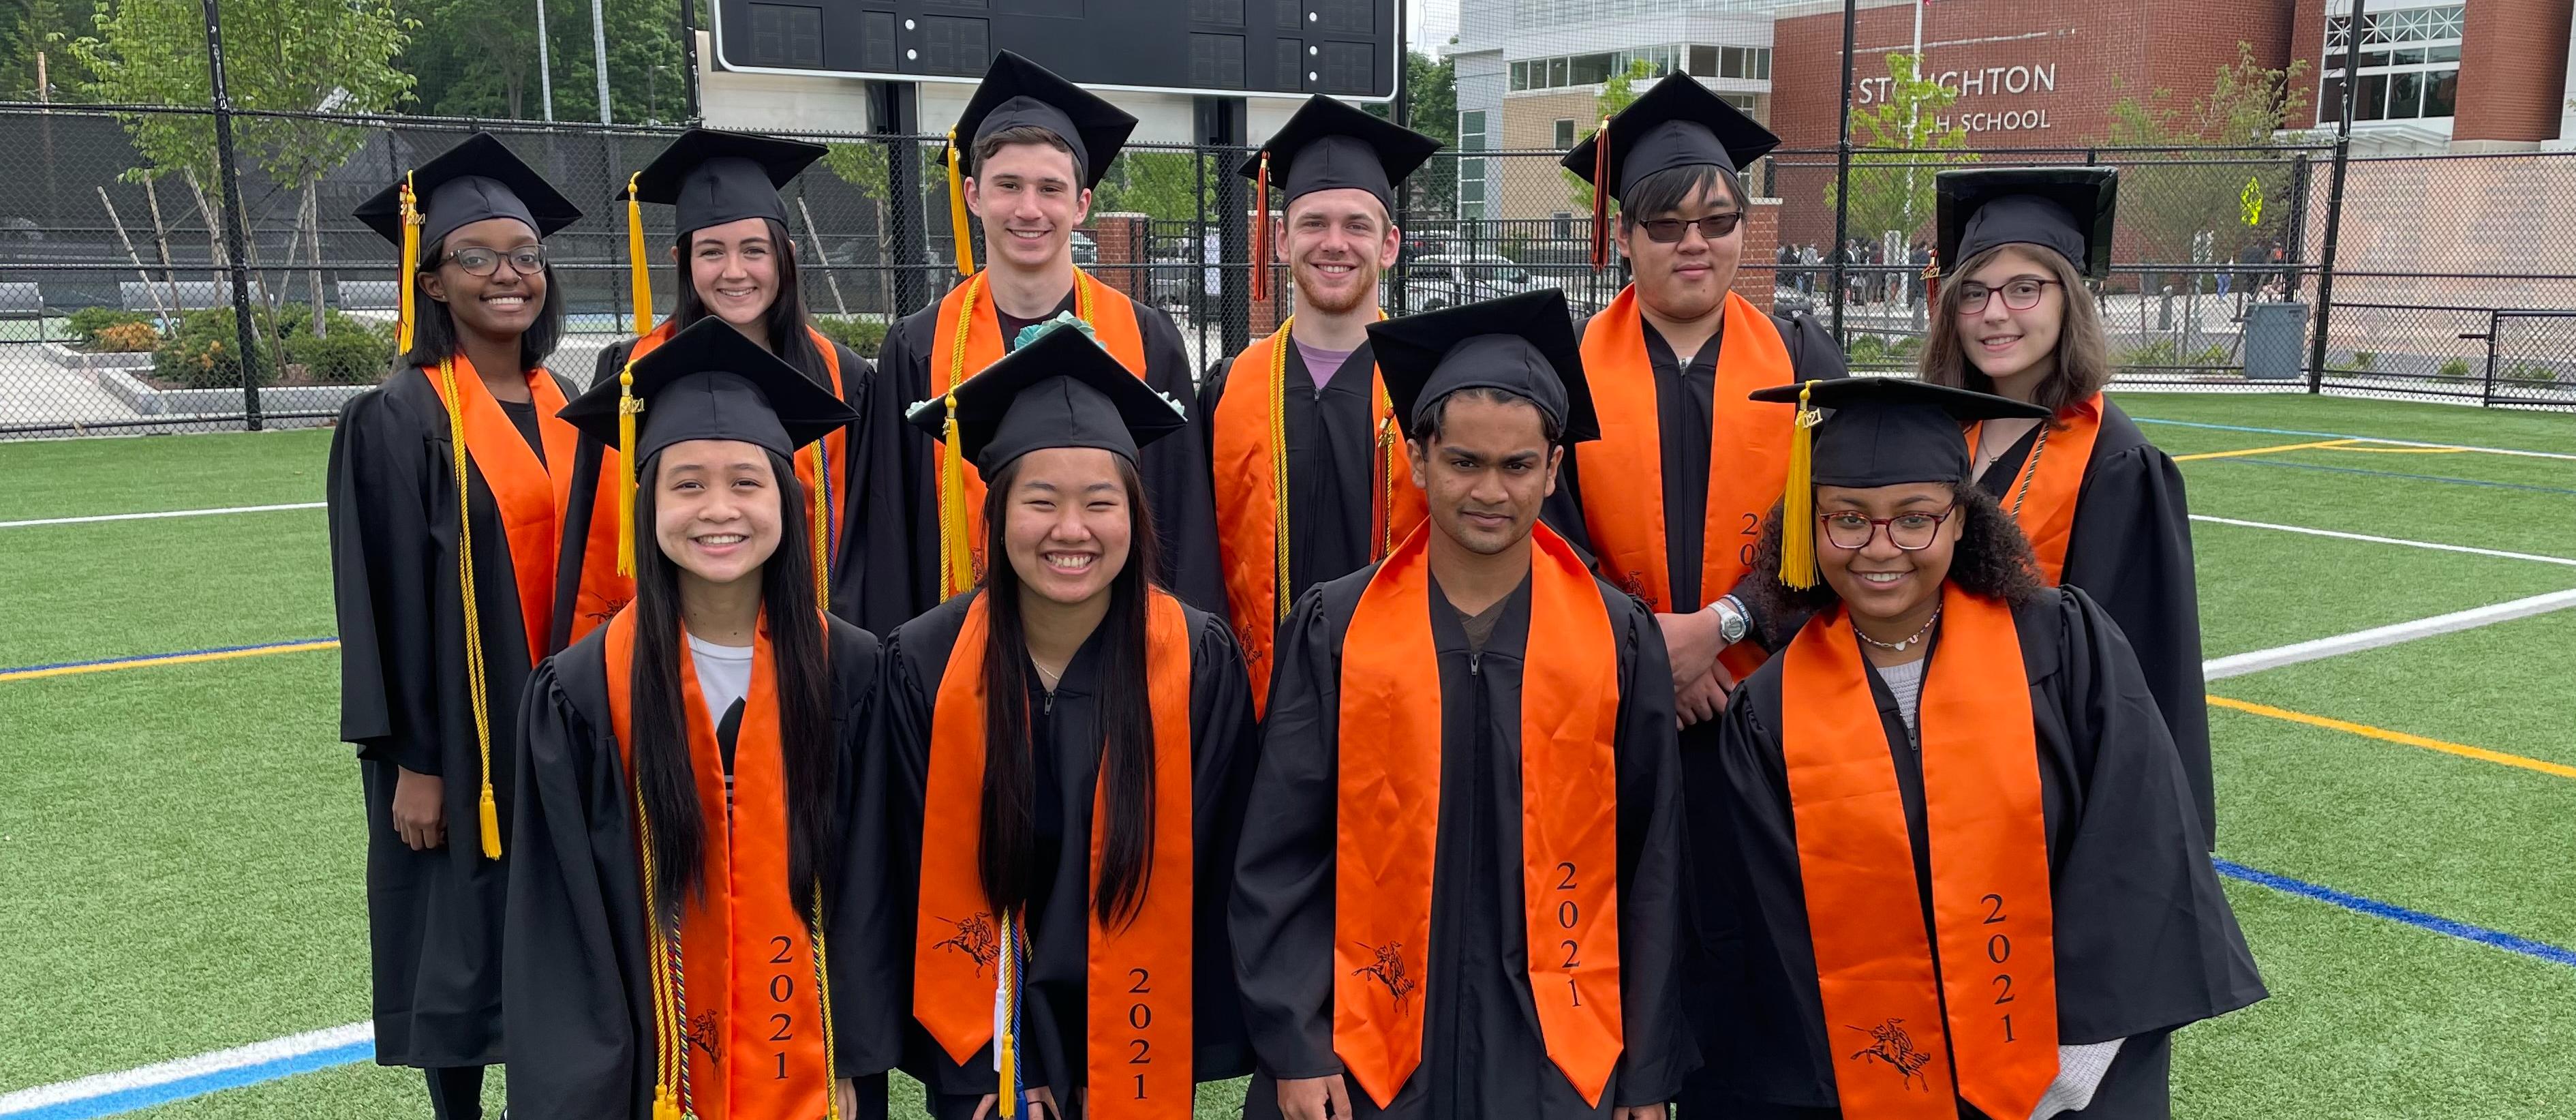 SHS Class of 2021 Top 10 Graduates